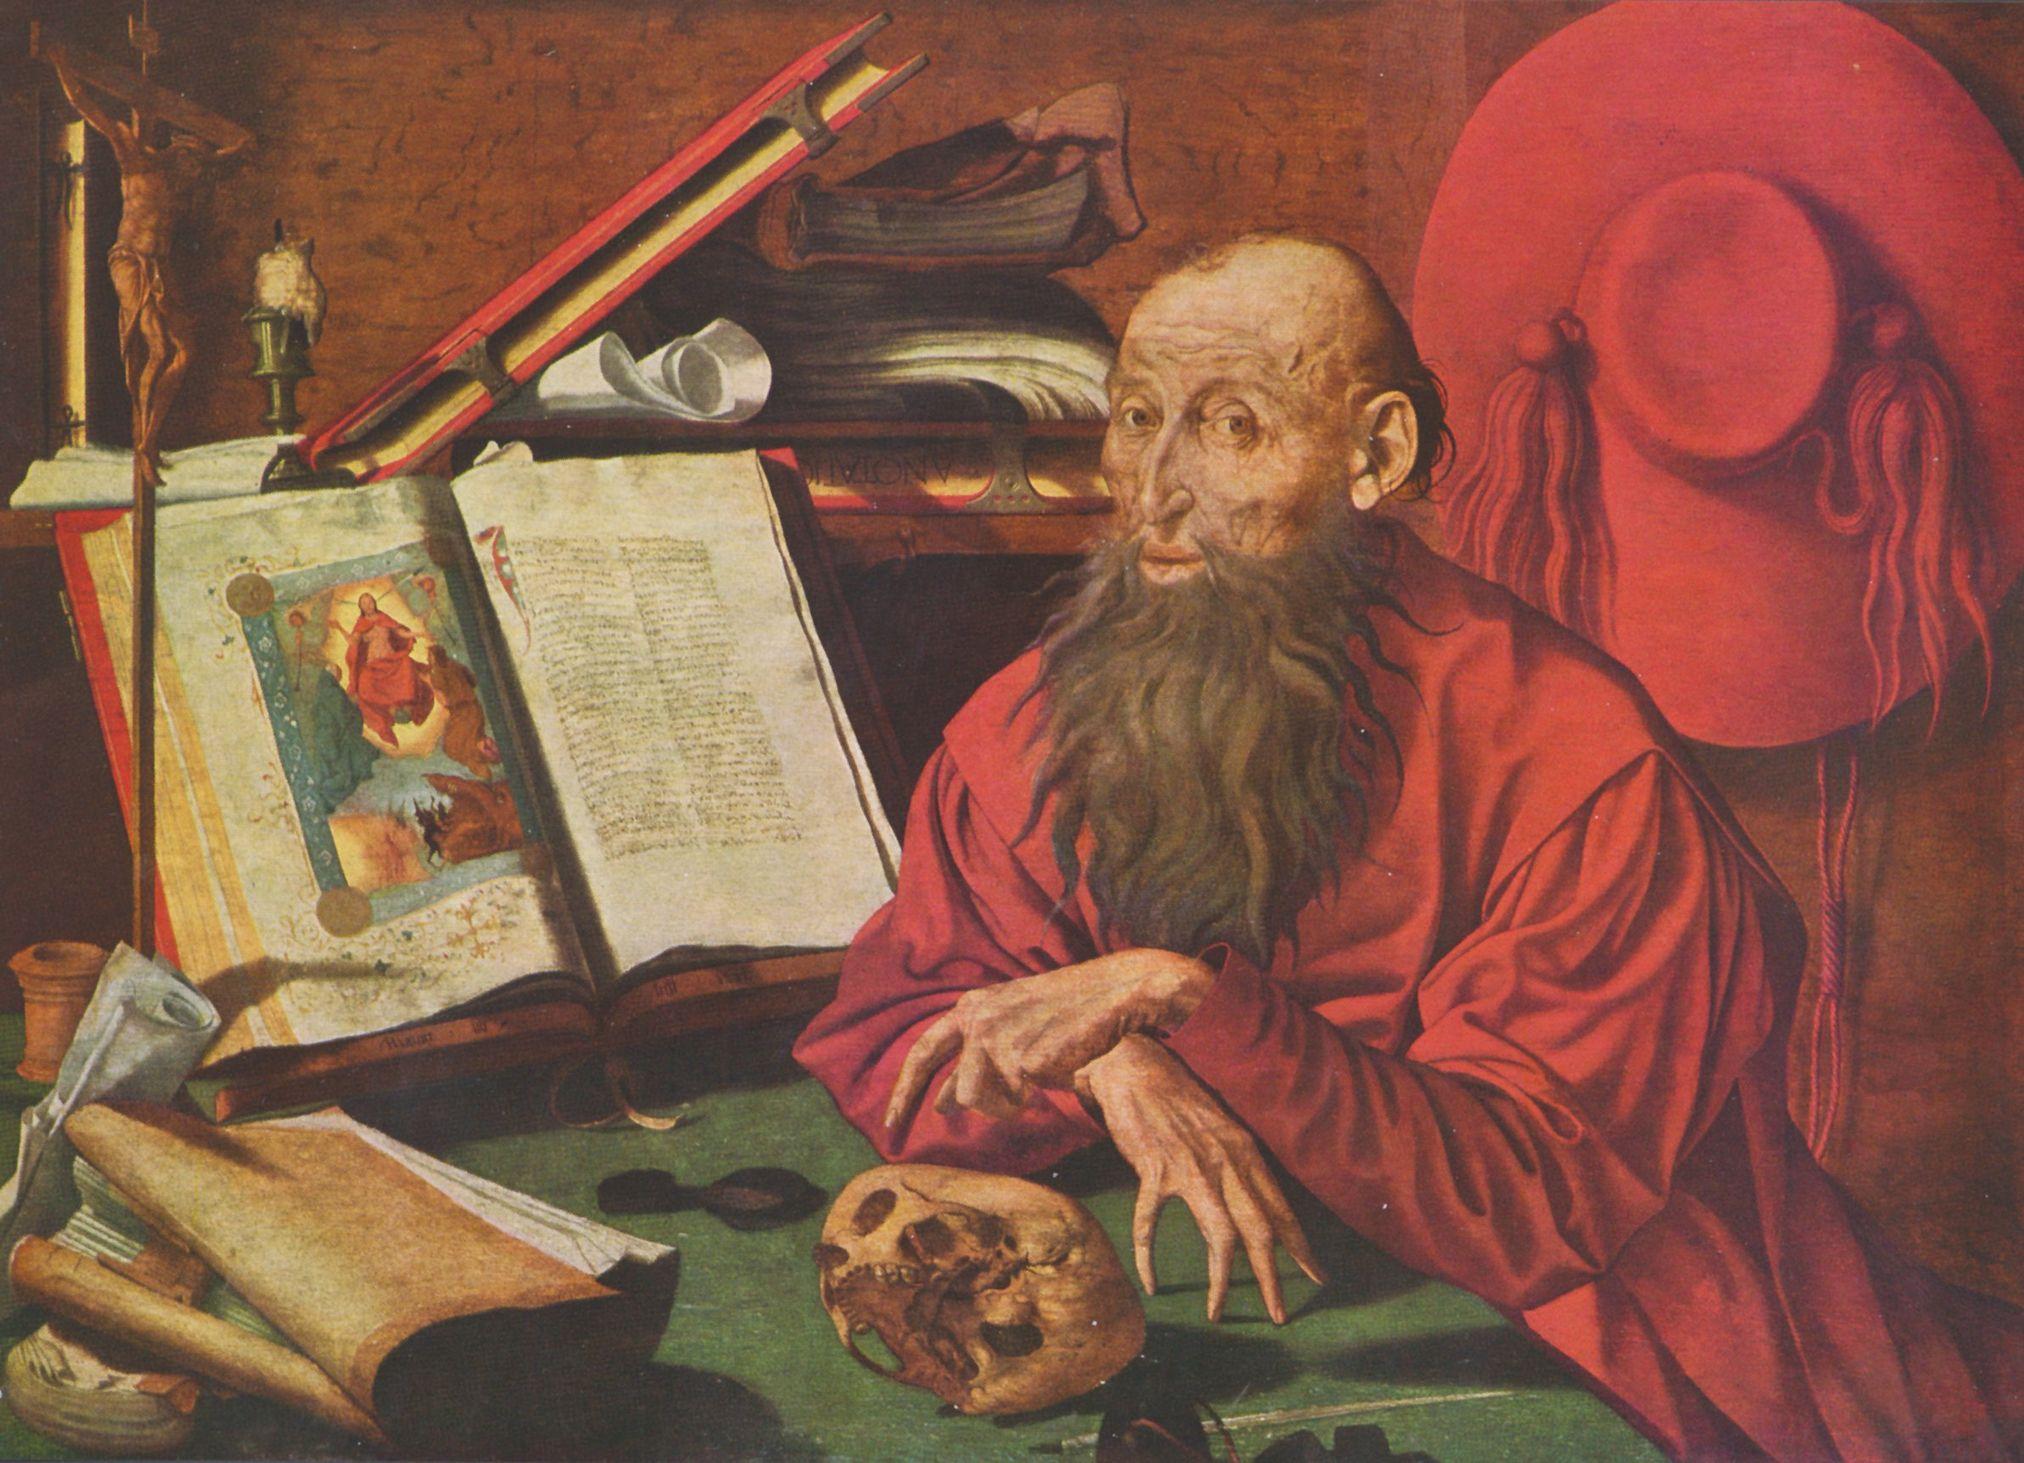 Marinus Claesz. van Reymerswaele - Hl. Hieronymus in einer